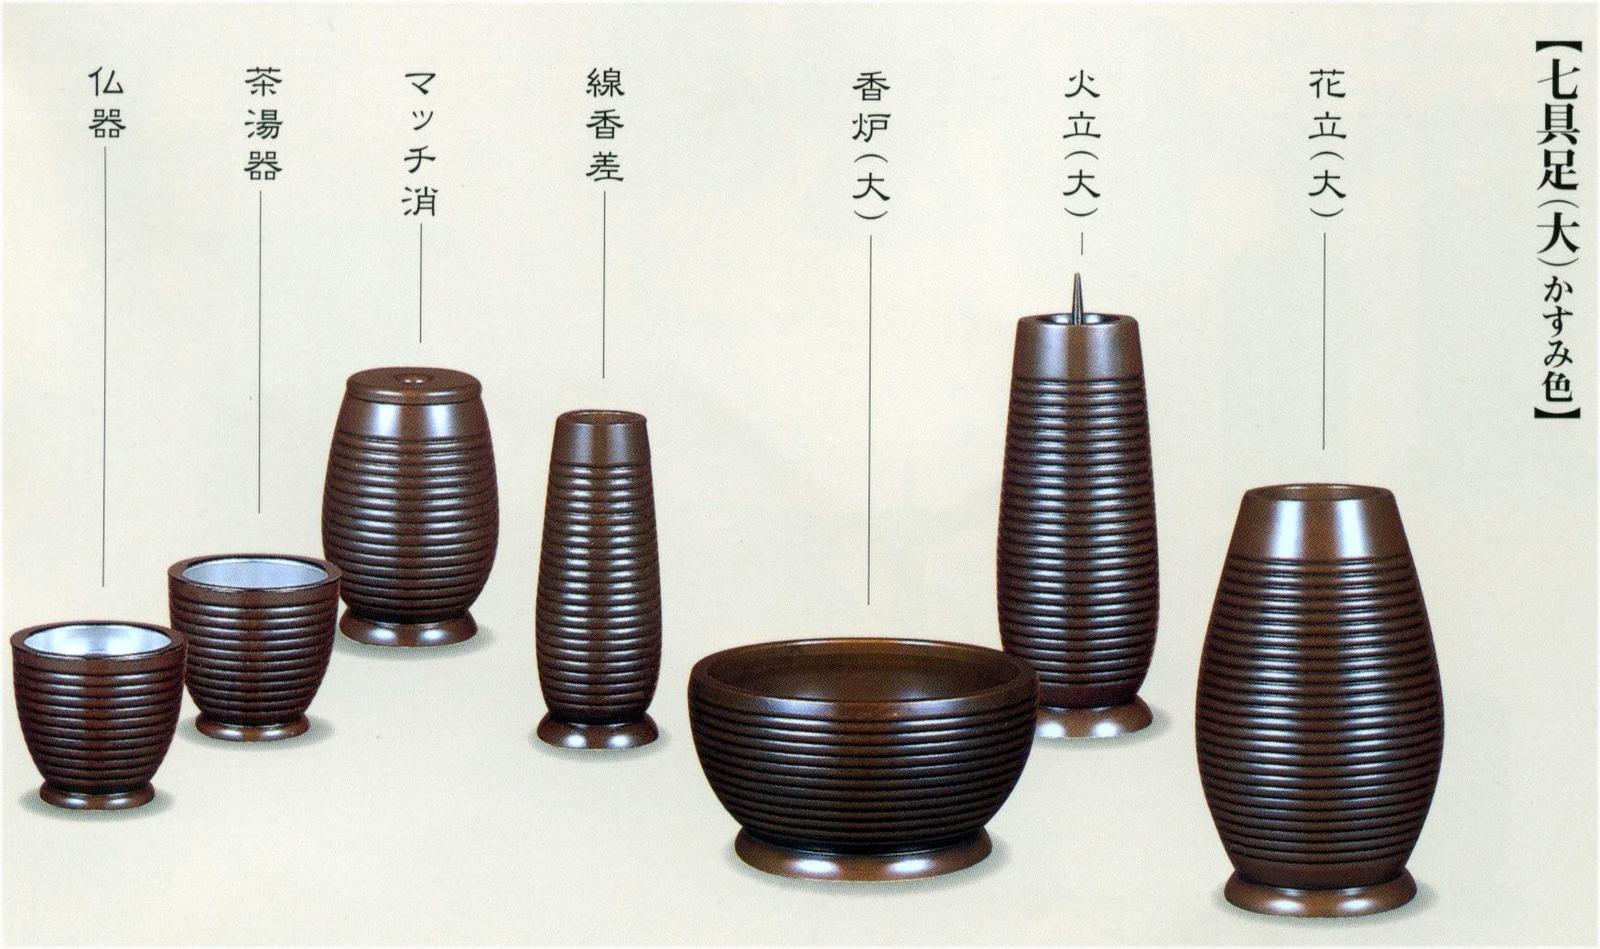 モダン仏具 7点セット 詩仙(大)かすみ色 :仏壇仏具 神棚 数珠のLifeハセガワ